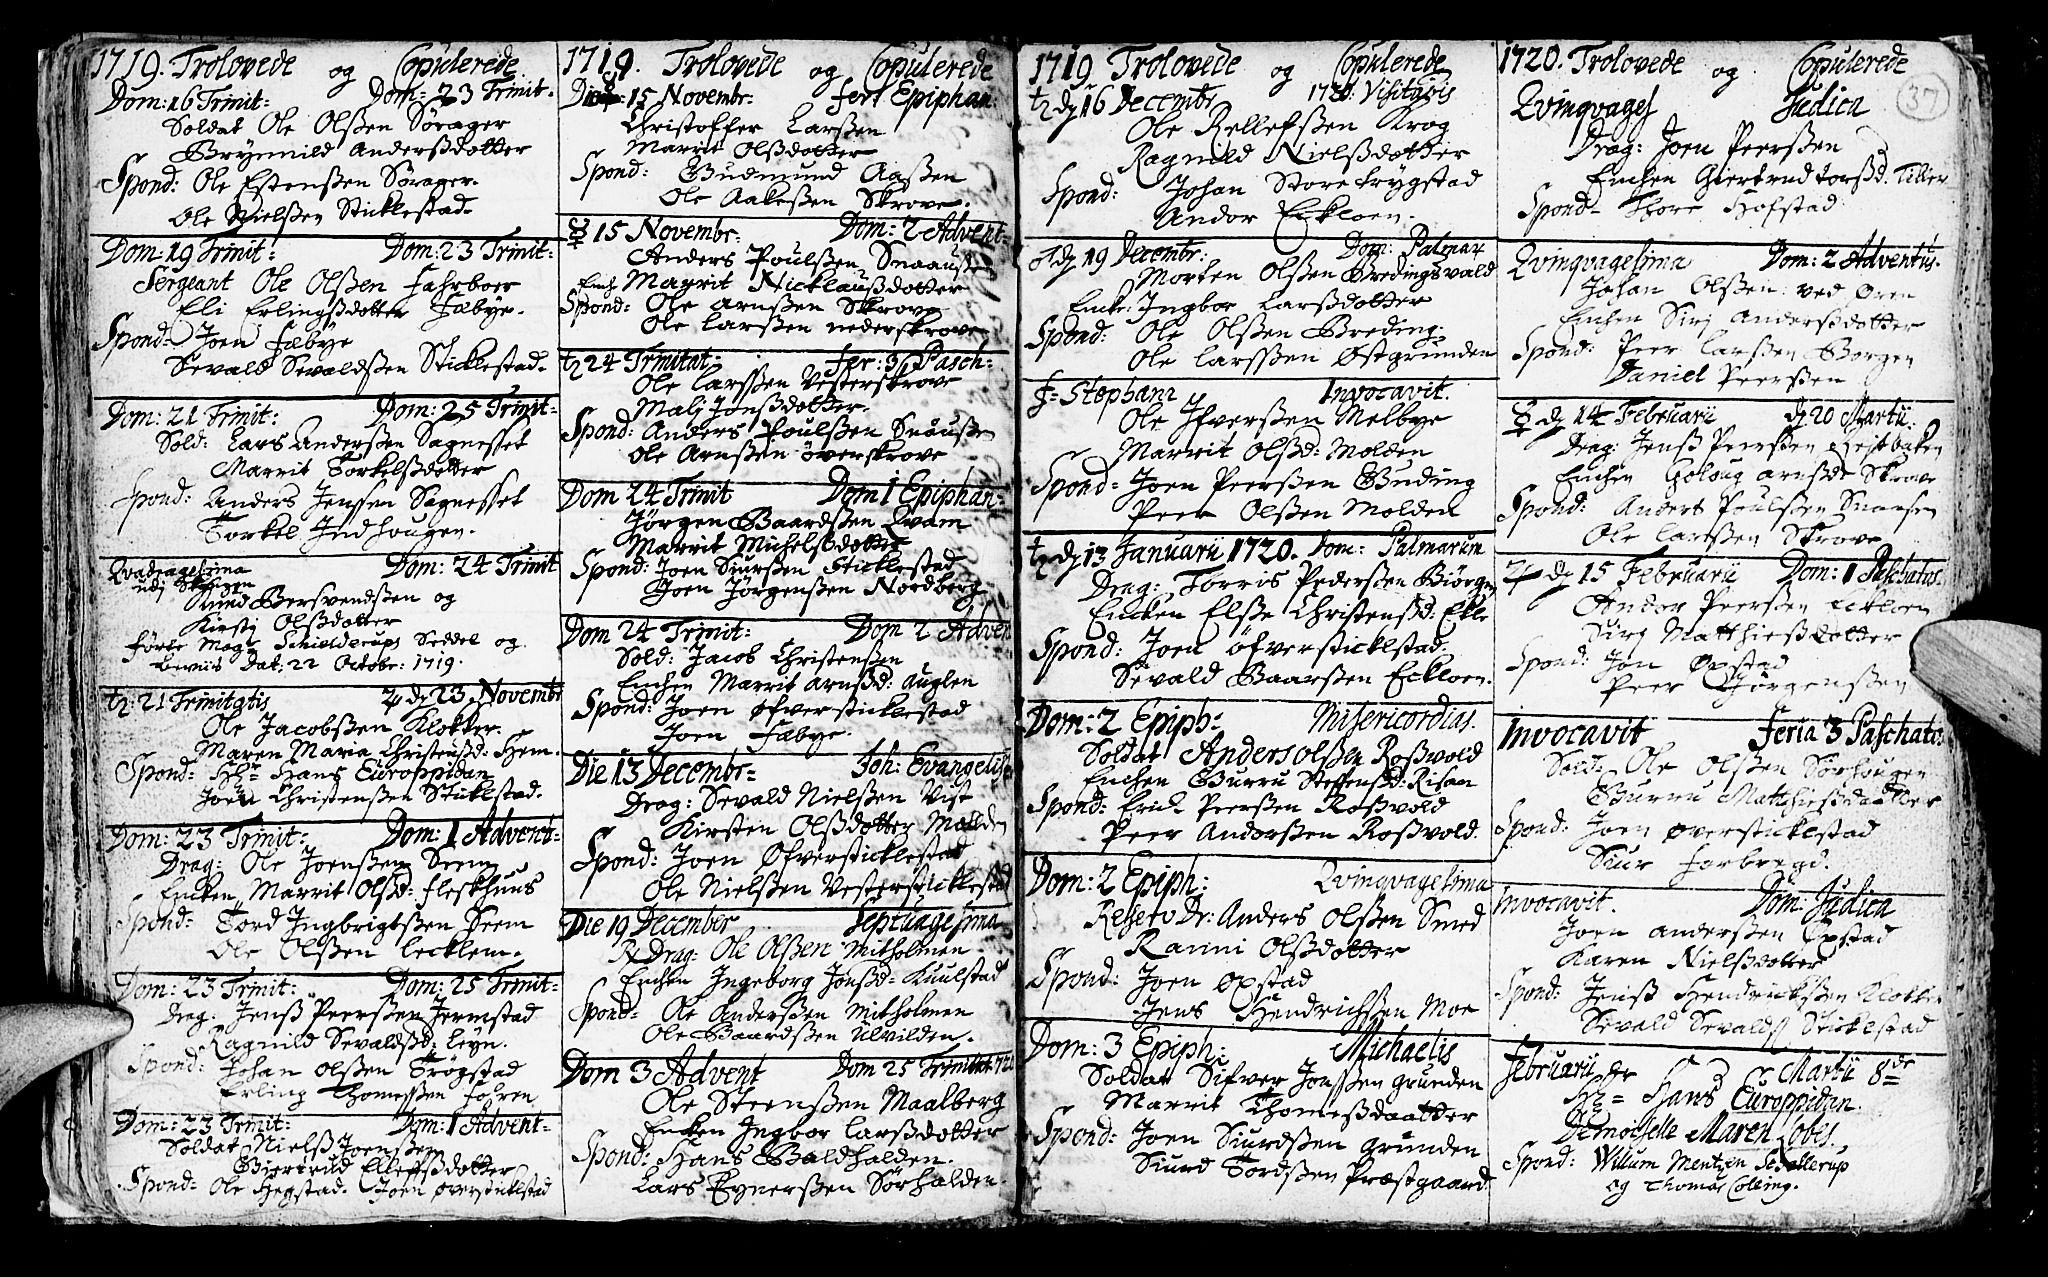 SAT, Ministerialprotokoller, klokkerbøker og fødselsregistre - Nord-Trøndelag, 723/L0230: Ministerialbok nr. 723A01, 1705-1747, s. 37